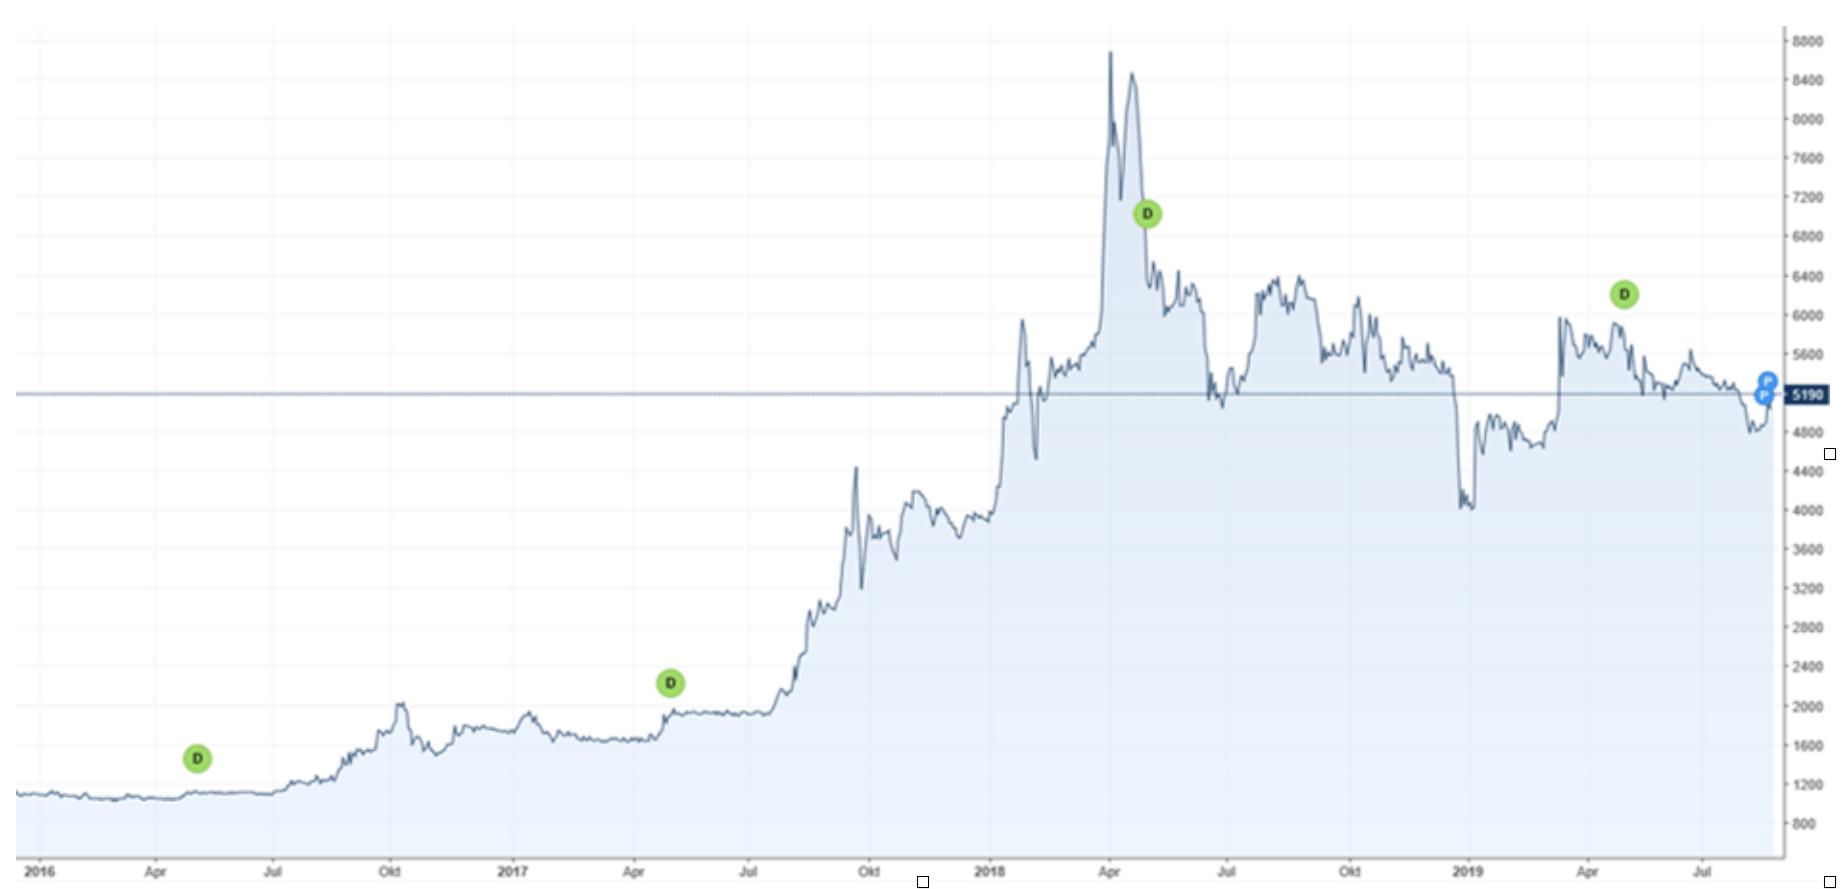 Schweizerische Nationalbank Aktie Verlauf